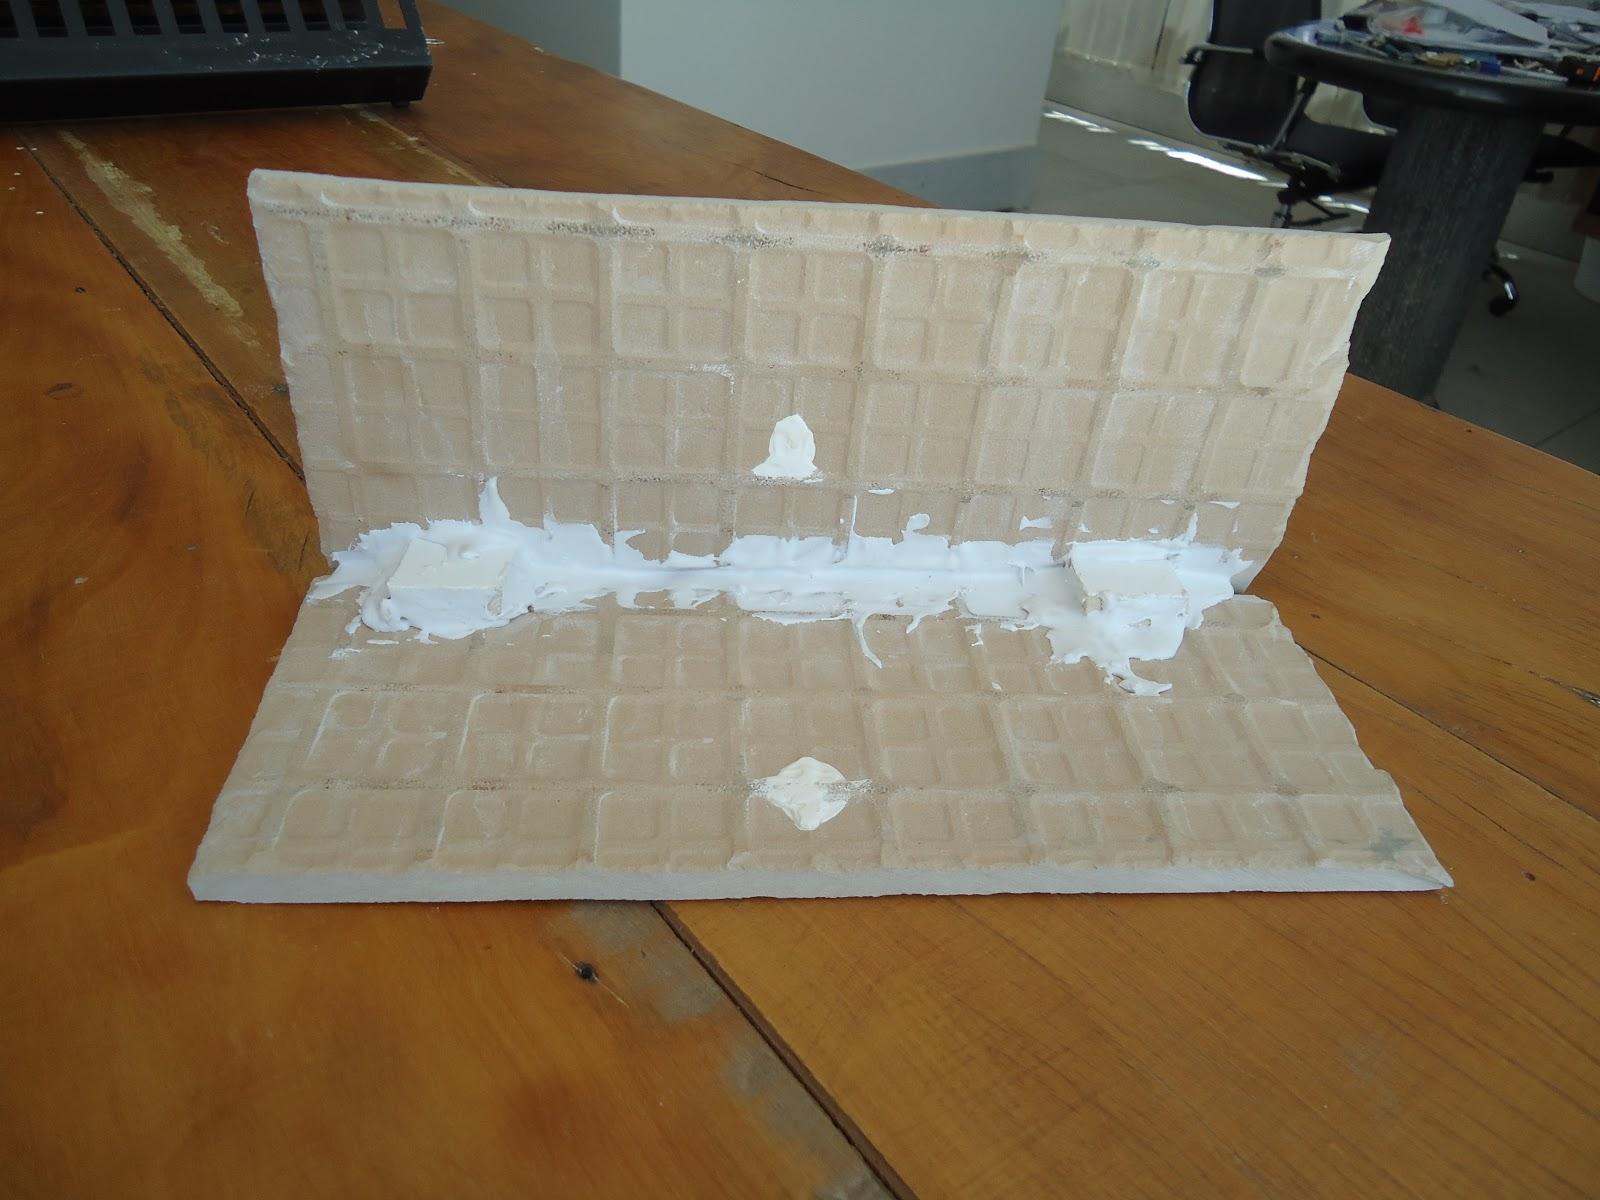 Como se começa uma FAMÍLIA: Montagem da bancada de porcelanato #70471E 1600x1200 Banheiro Com Porcelanato Concreto